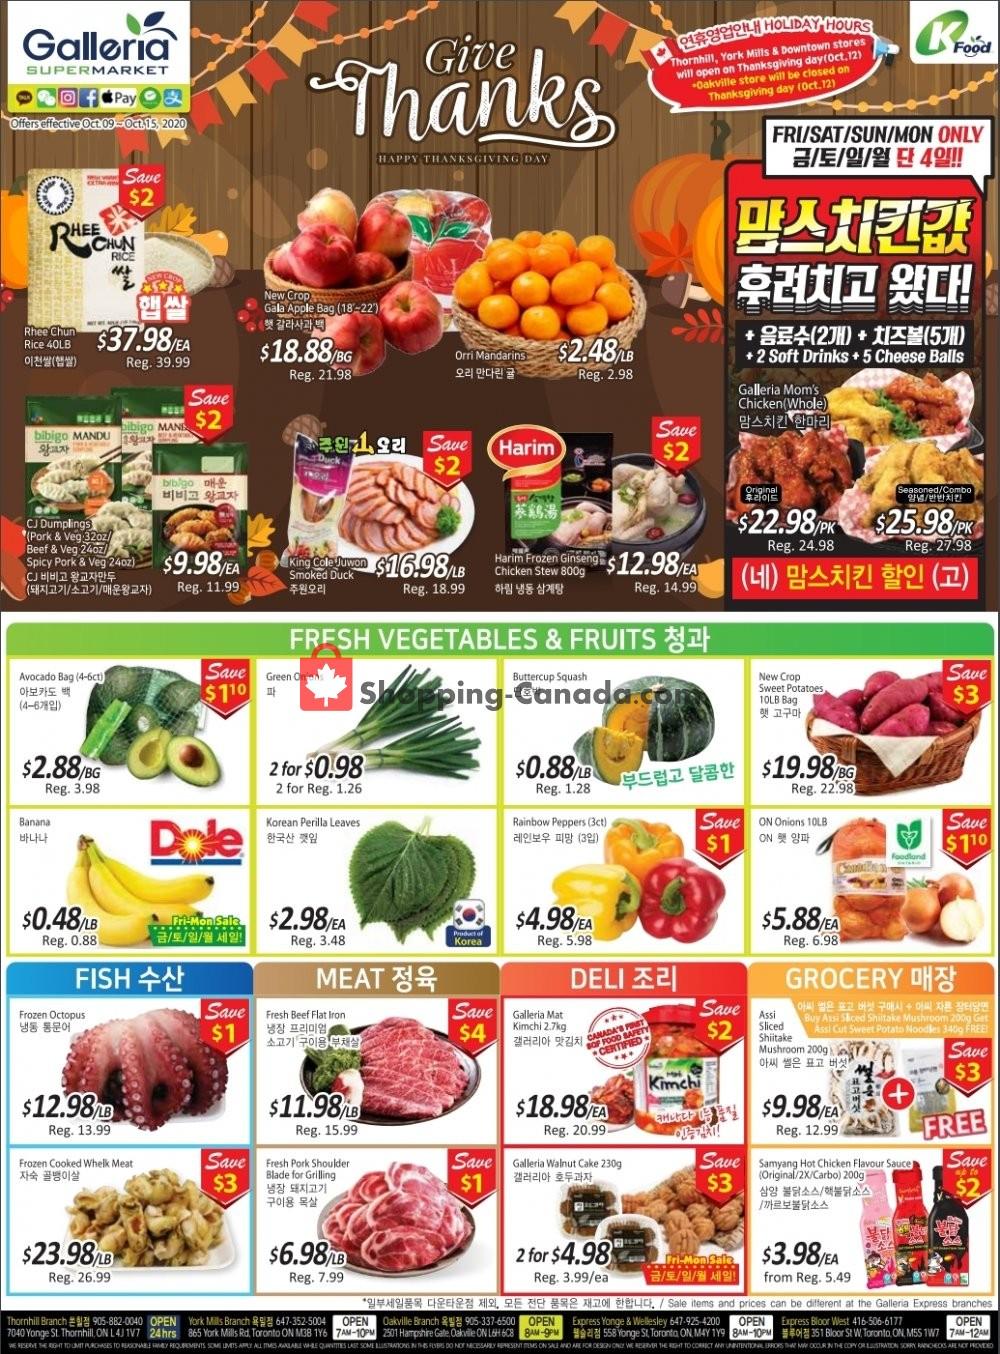 Flyer Galleria Supermarket Canada - from Friday October 9, 2020 to Thursday October 15, 2020